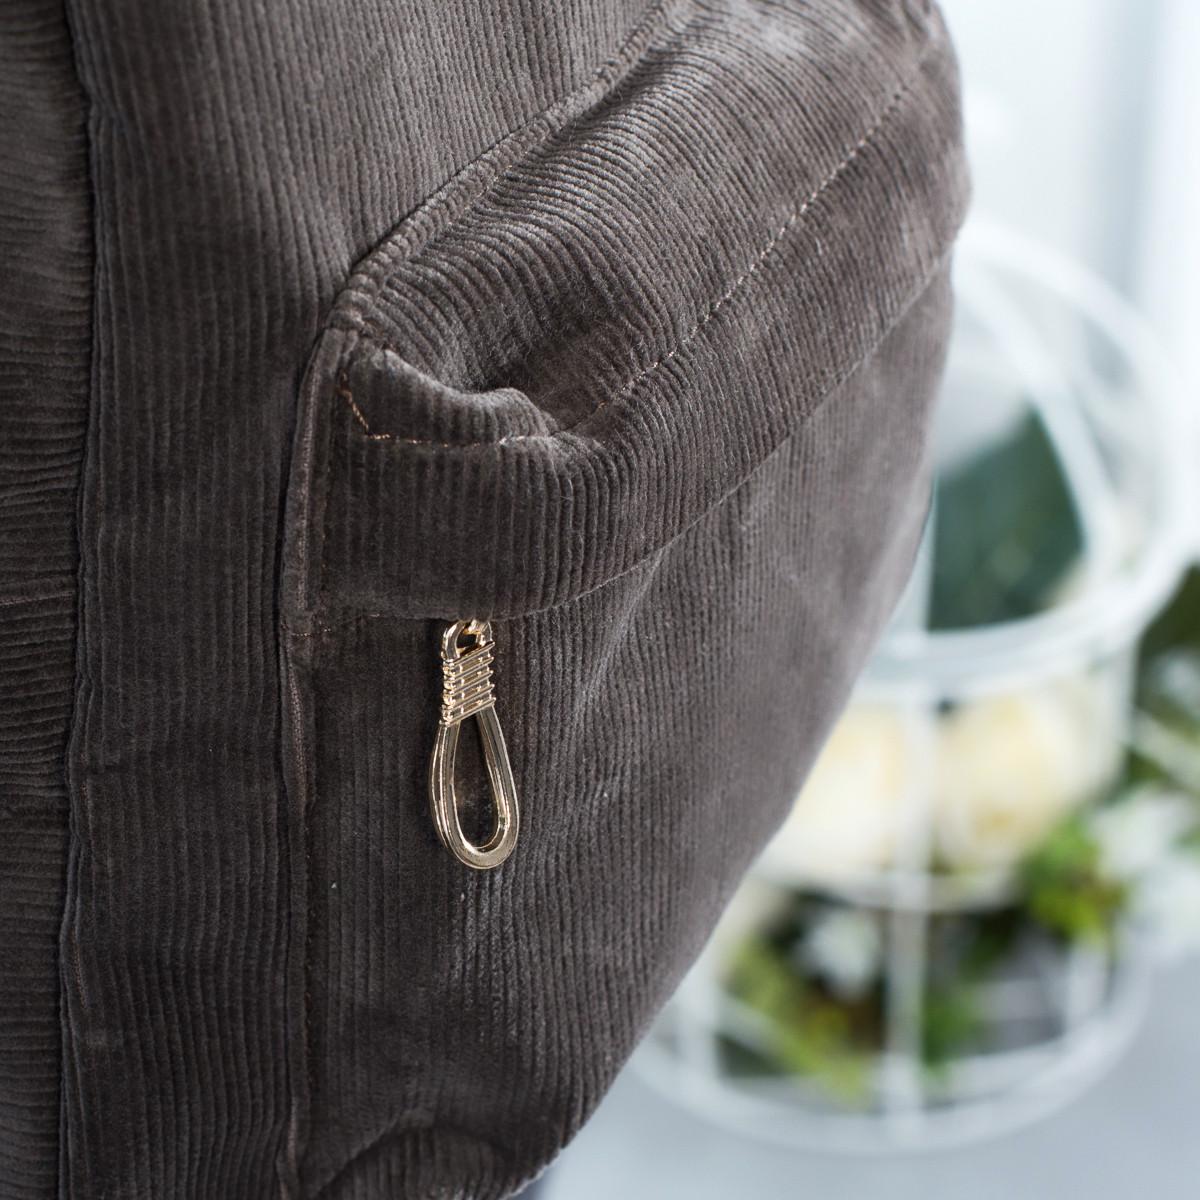 Городской женский вельветовый рюкзак Mayers, серый, фото 3